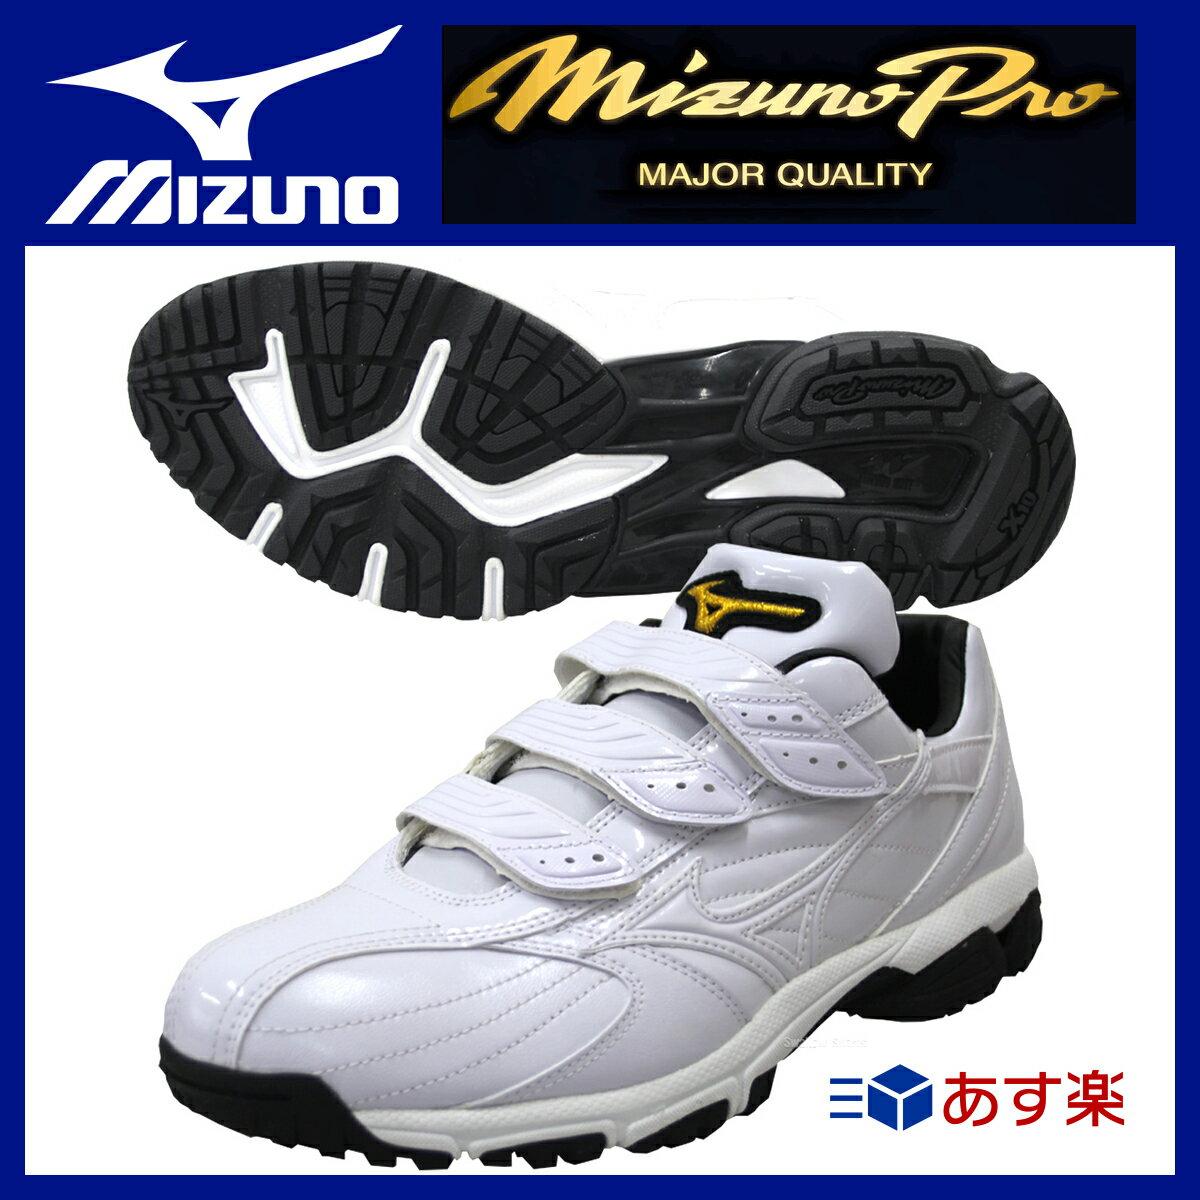 【あす楽対応】 ミズノ トレーニングシューズ ミズノプロ 11GT1501 Mizuno 野球 トレーニングシューズ 野球用品 スワロースポーツ 【SALE】